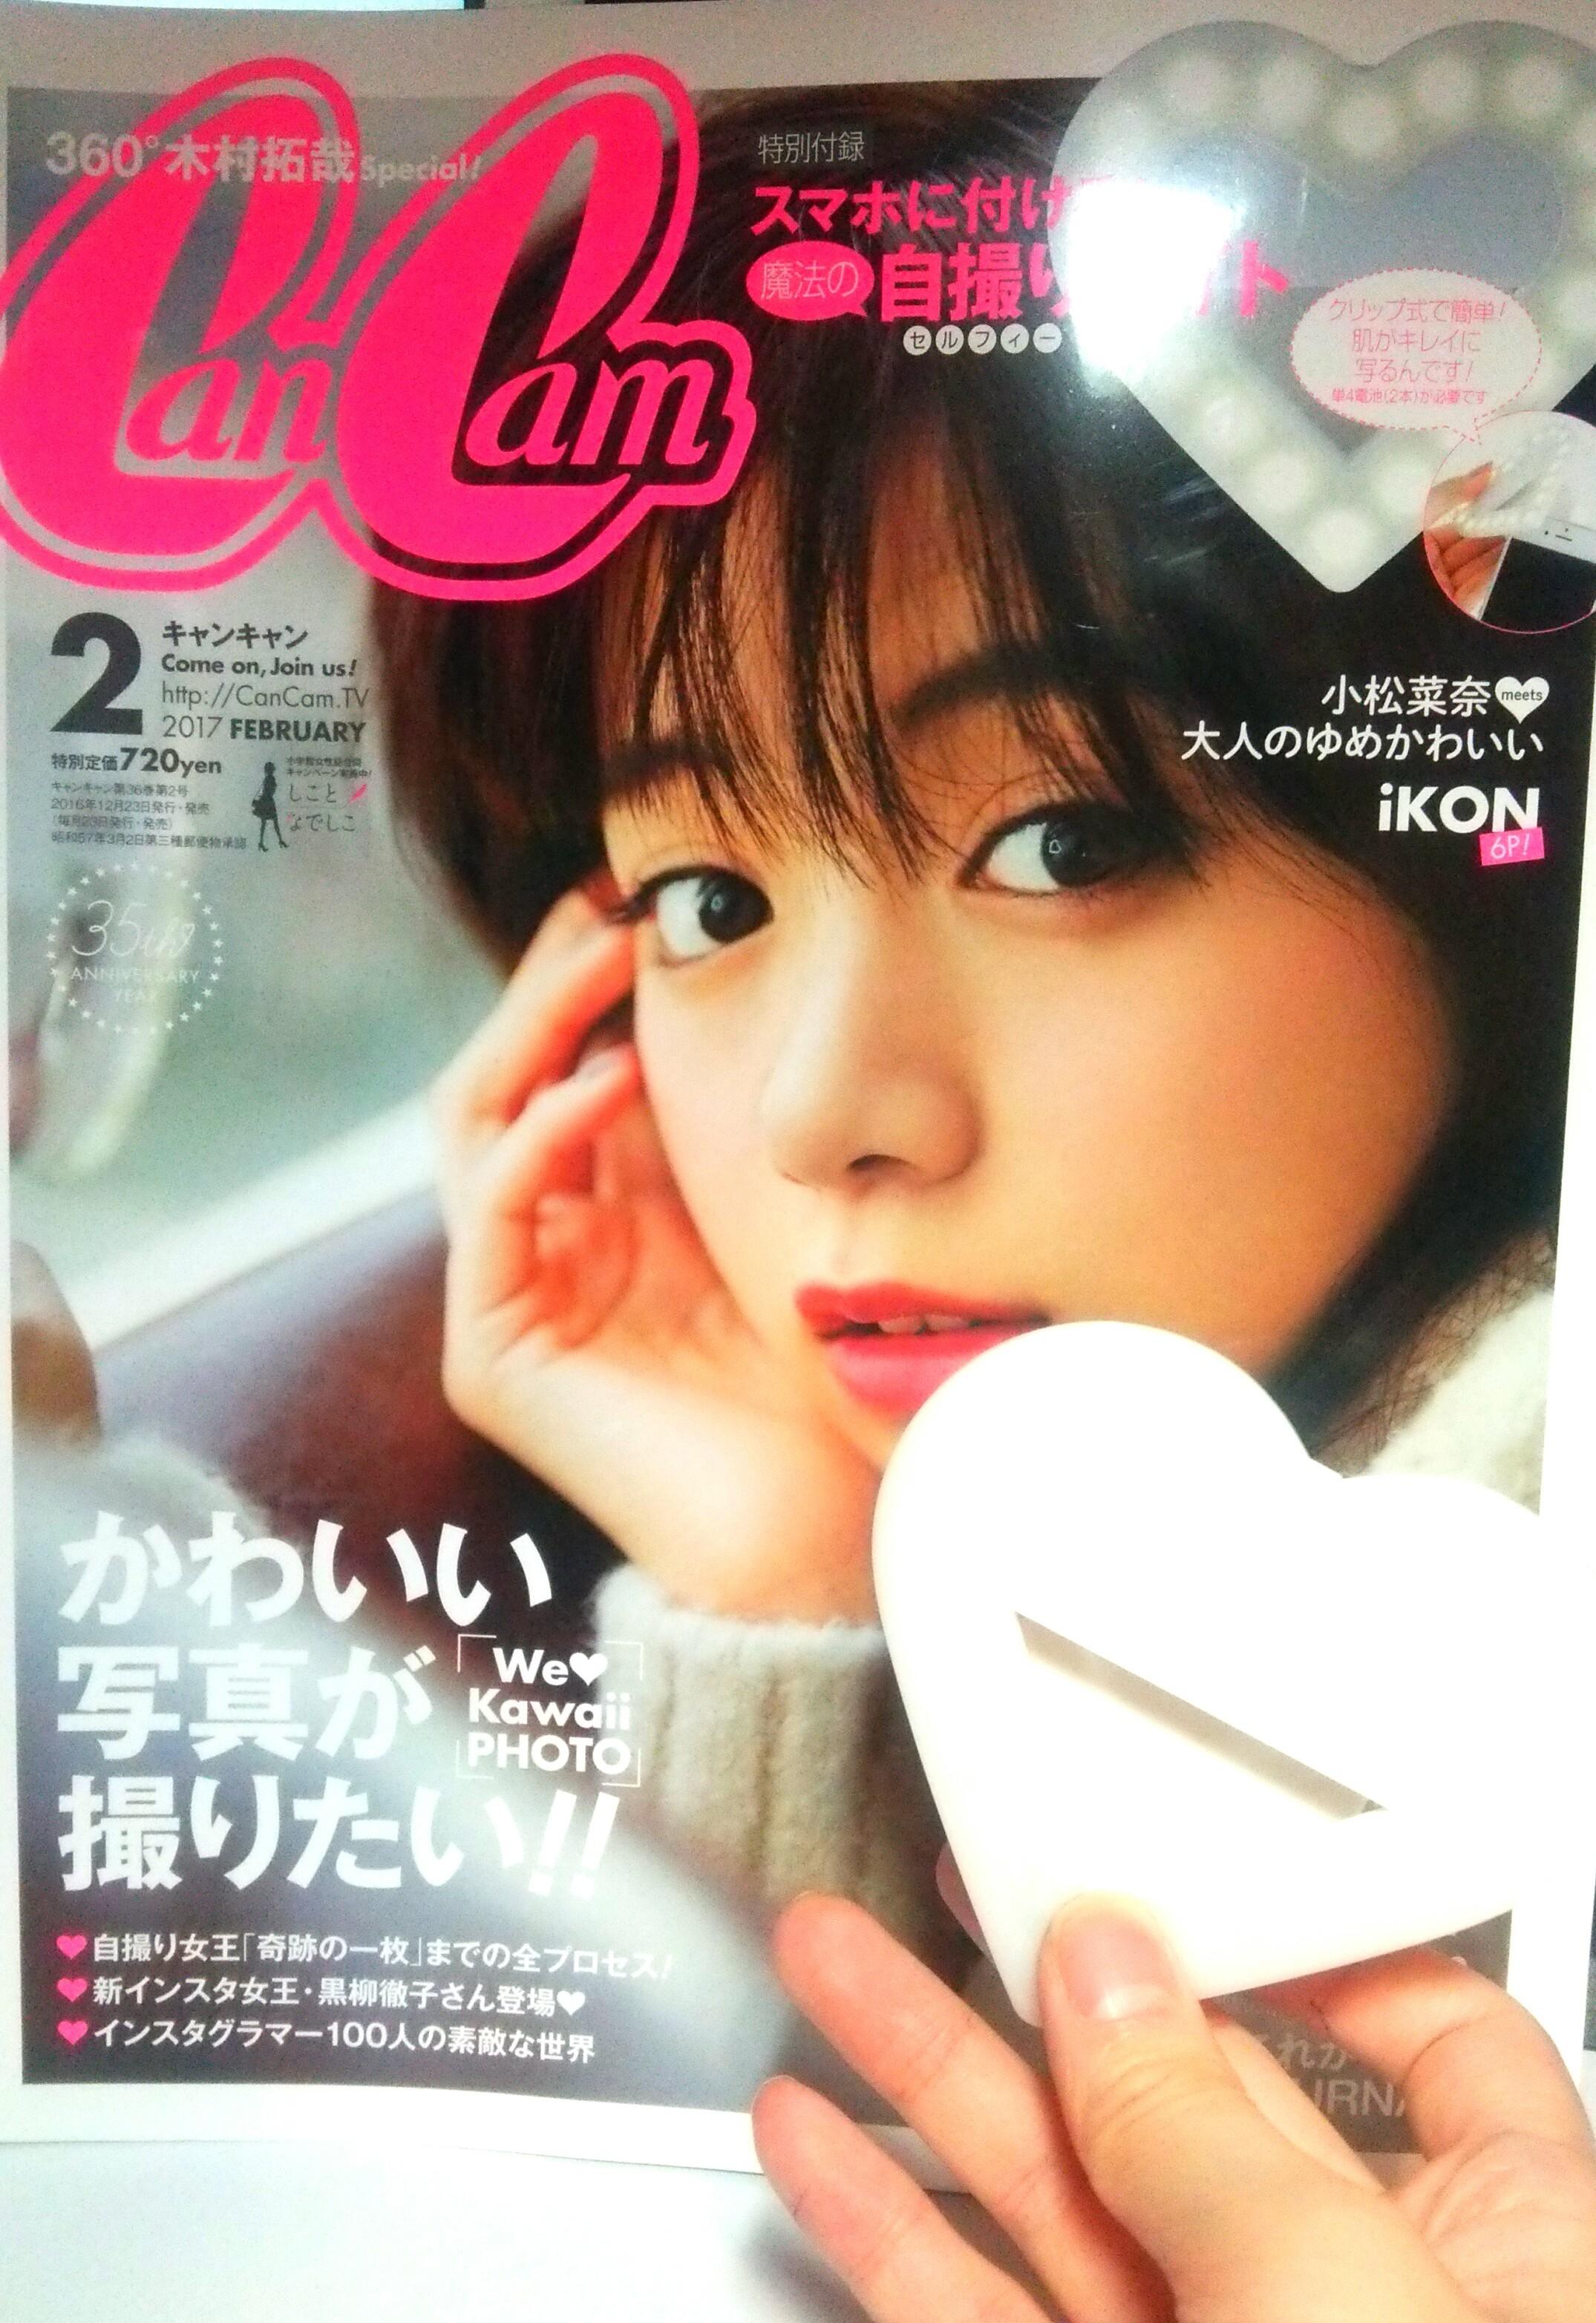 【自撮りライト付録】CanCam2月号をGET!インスタ派に!